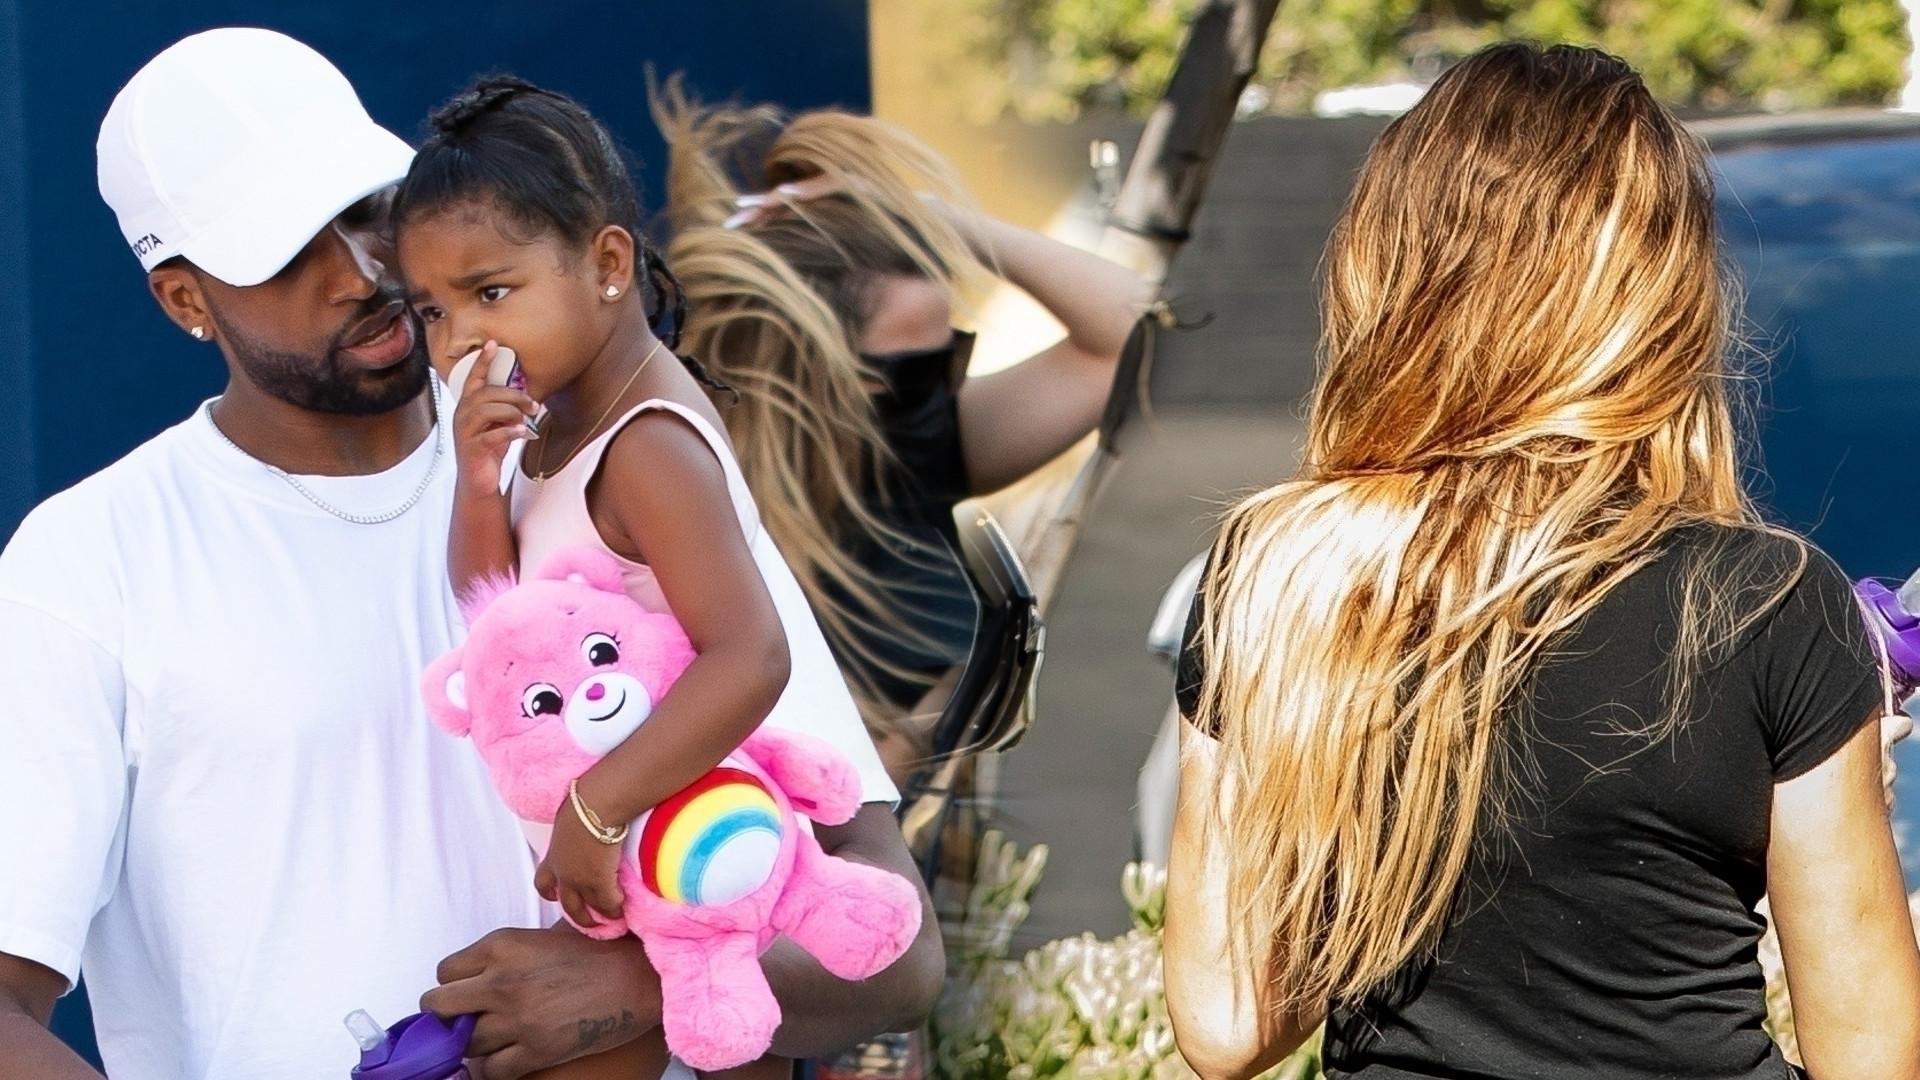 Khloe Kardashian i Tristan Thompson przyłapani razem kilka tygodni po rozstaniu (ZDJĘCIA)